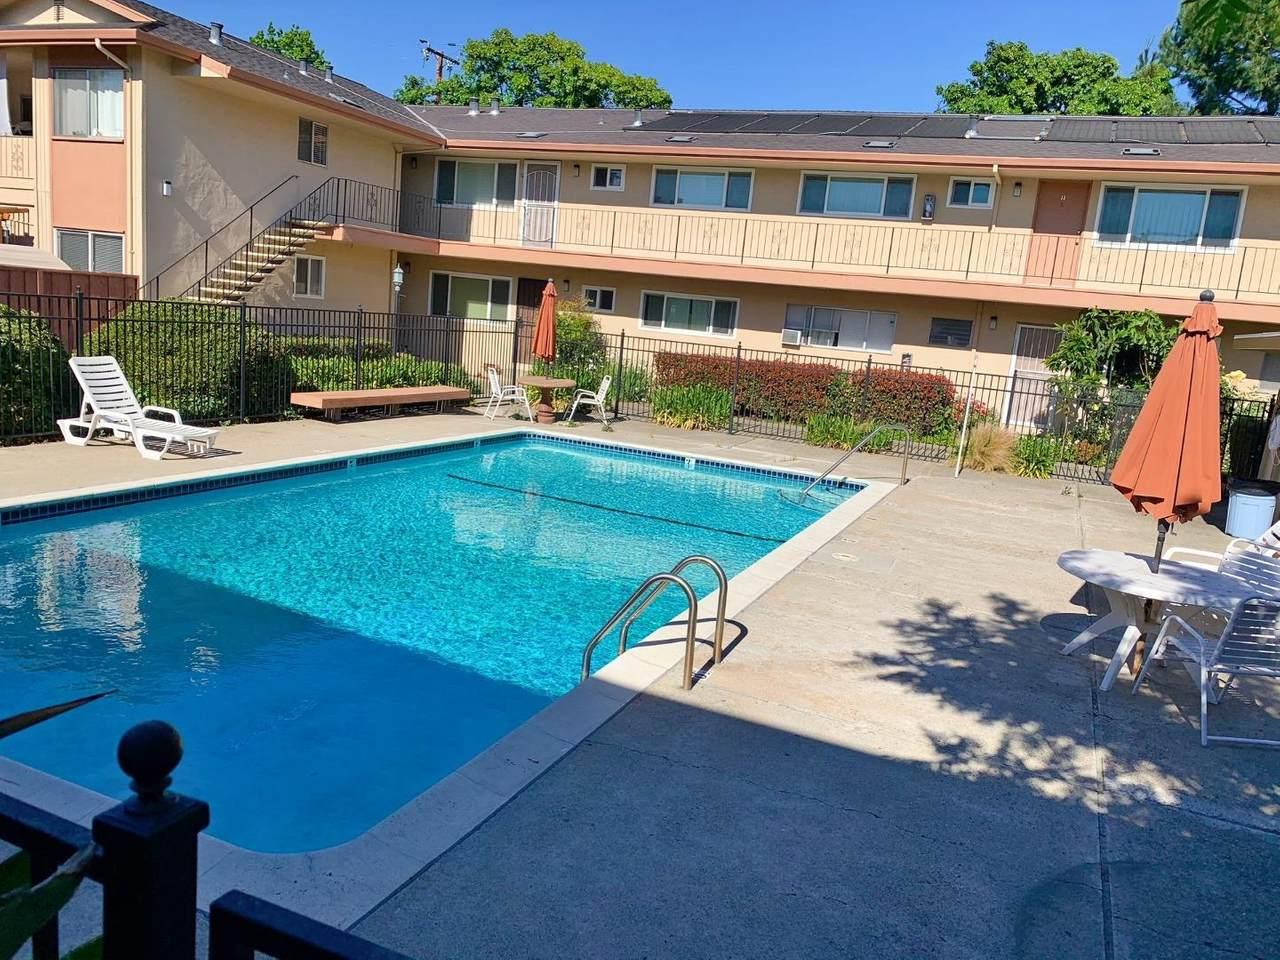 1359 Phelps Ave 10 - Photo 1